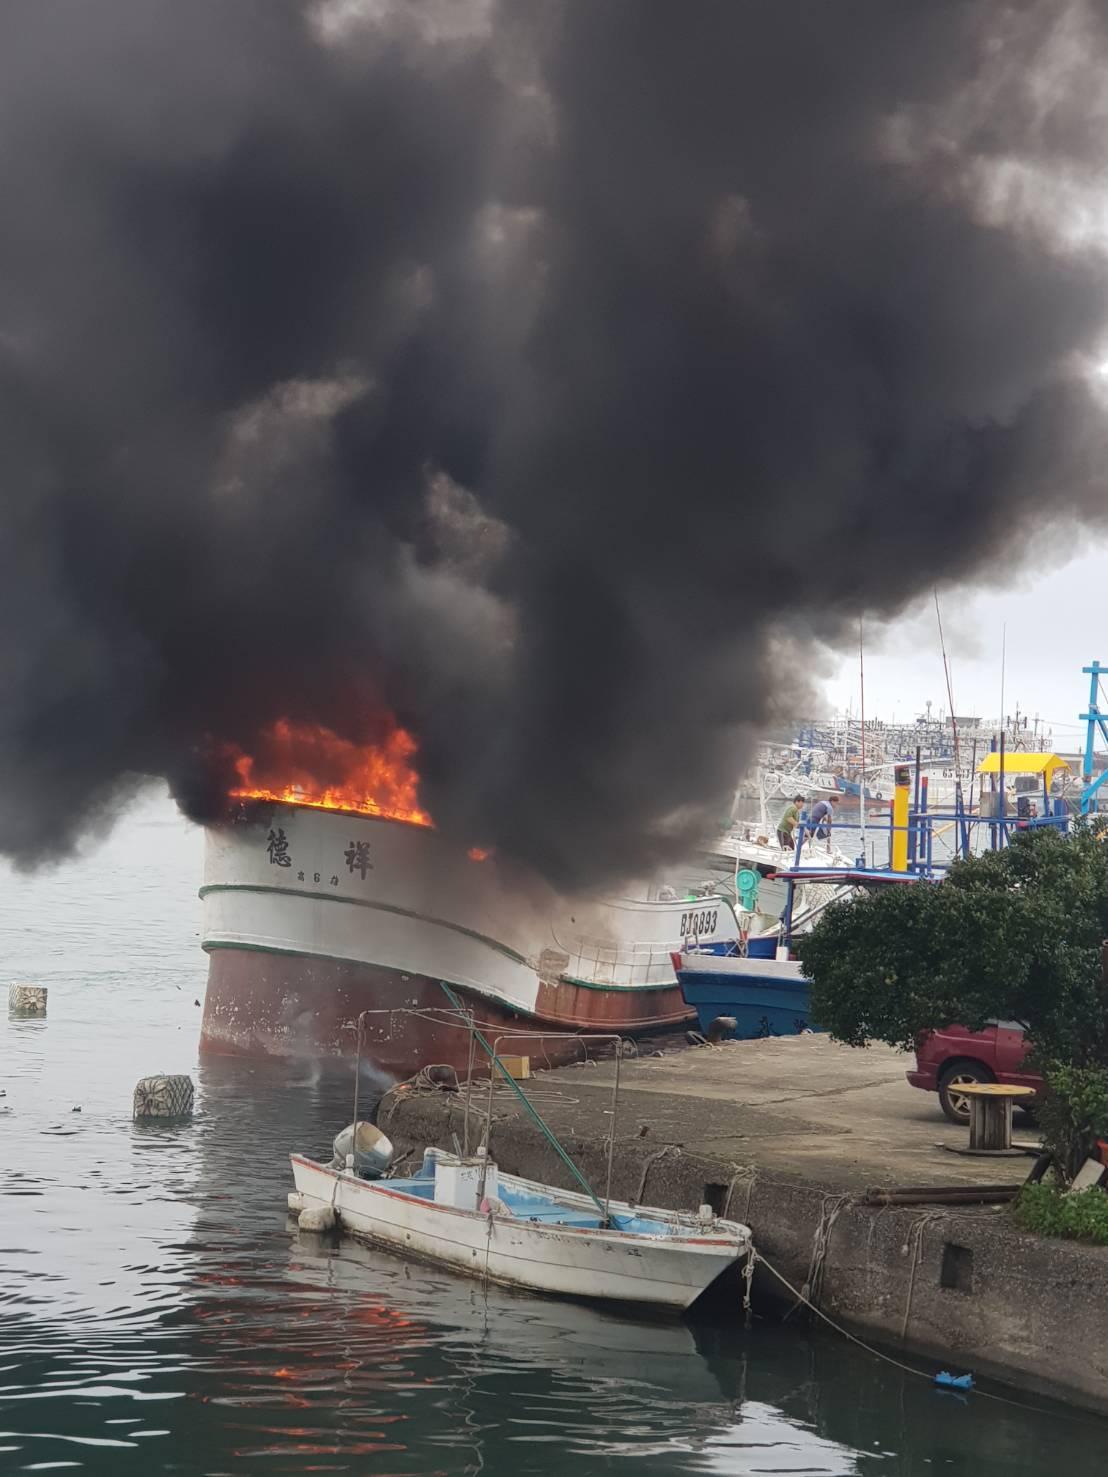 八斗子漁船起火,消防分隊前往灌救。圖/基隆區漁會總幹事陳文欽提供